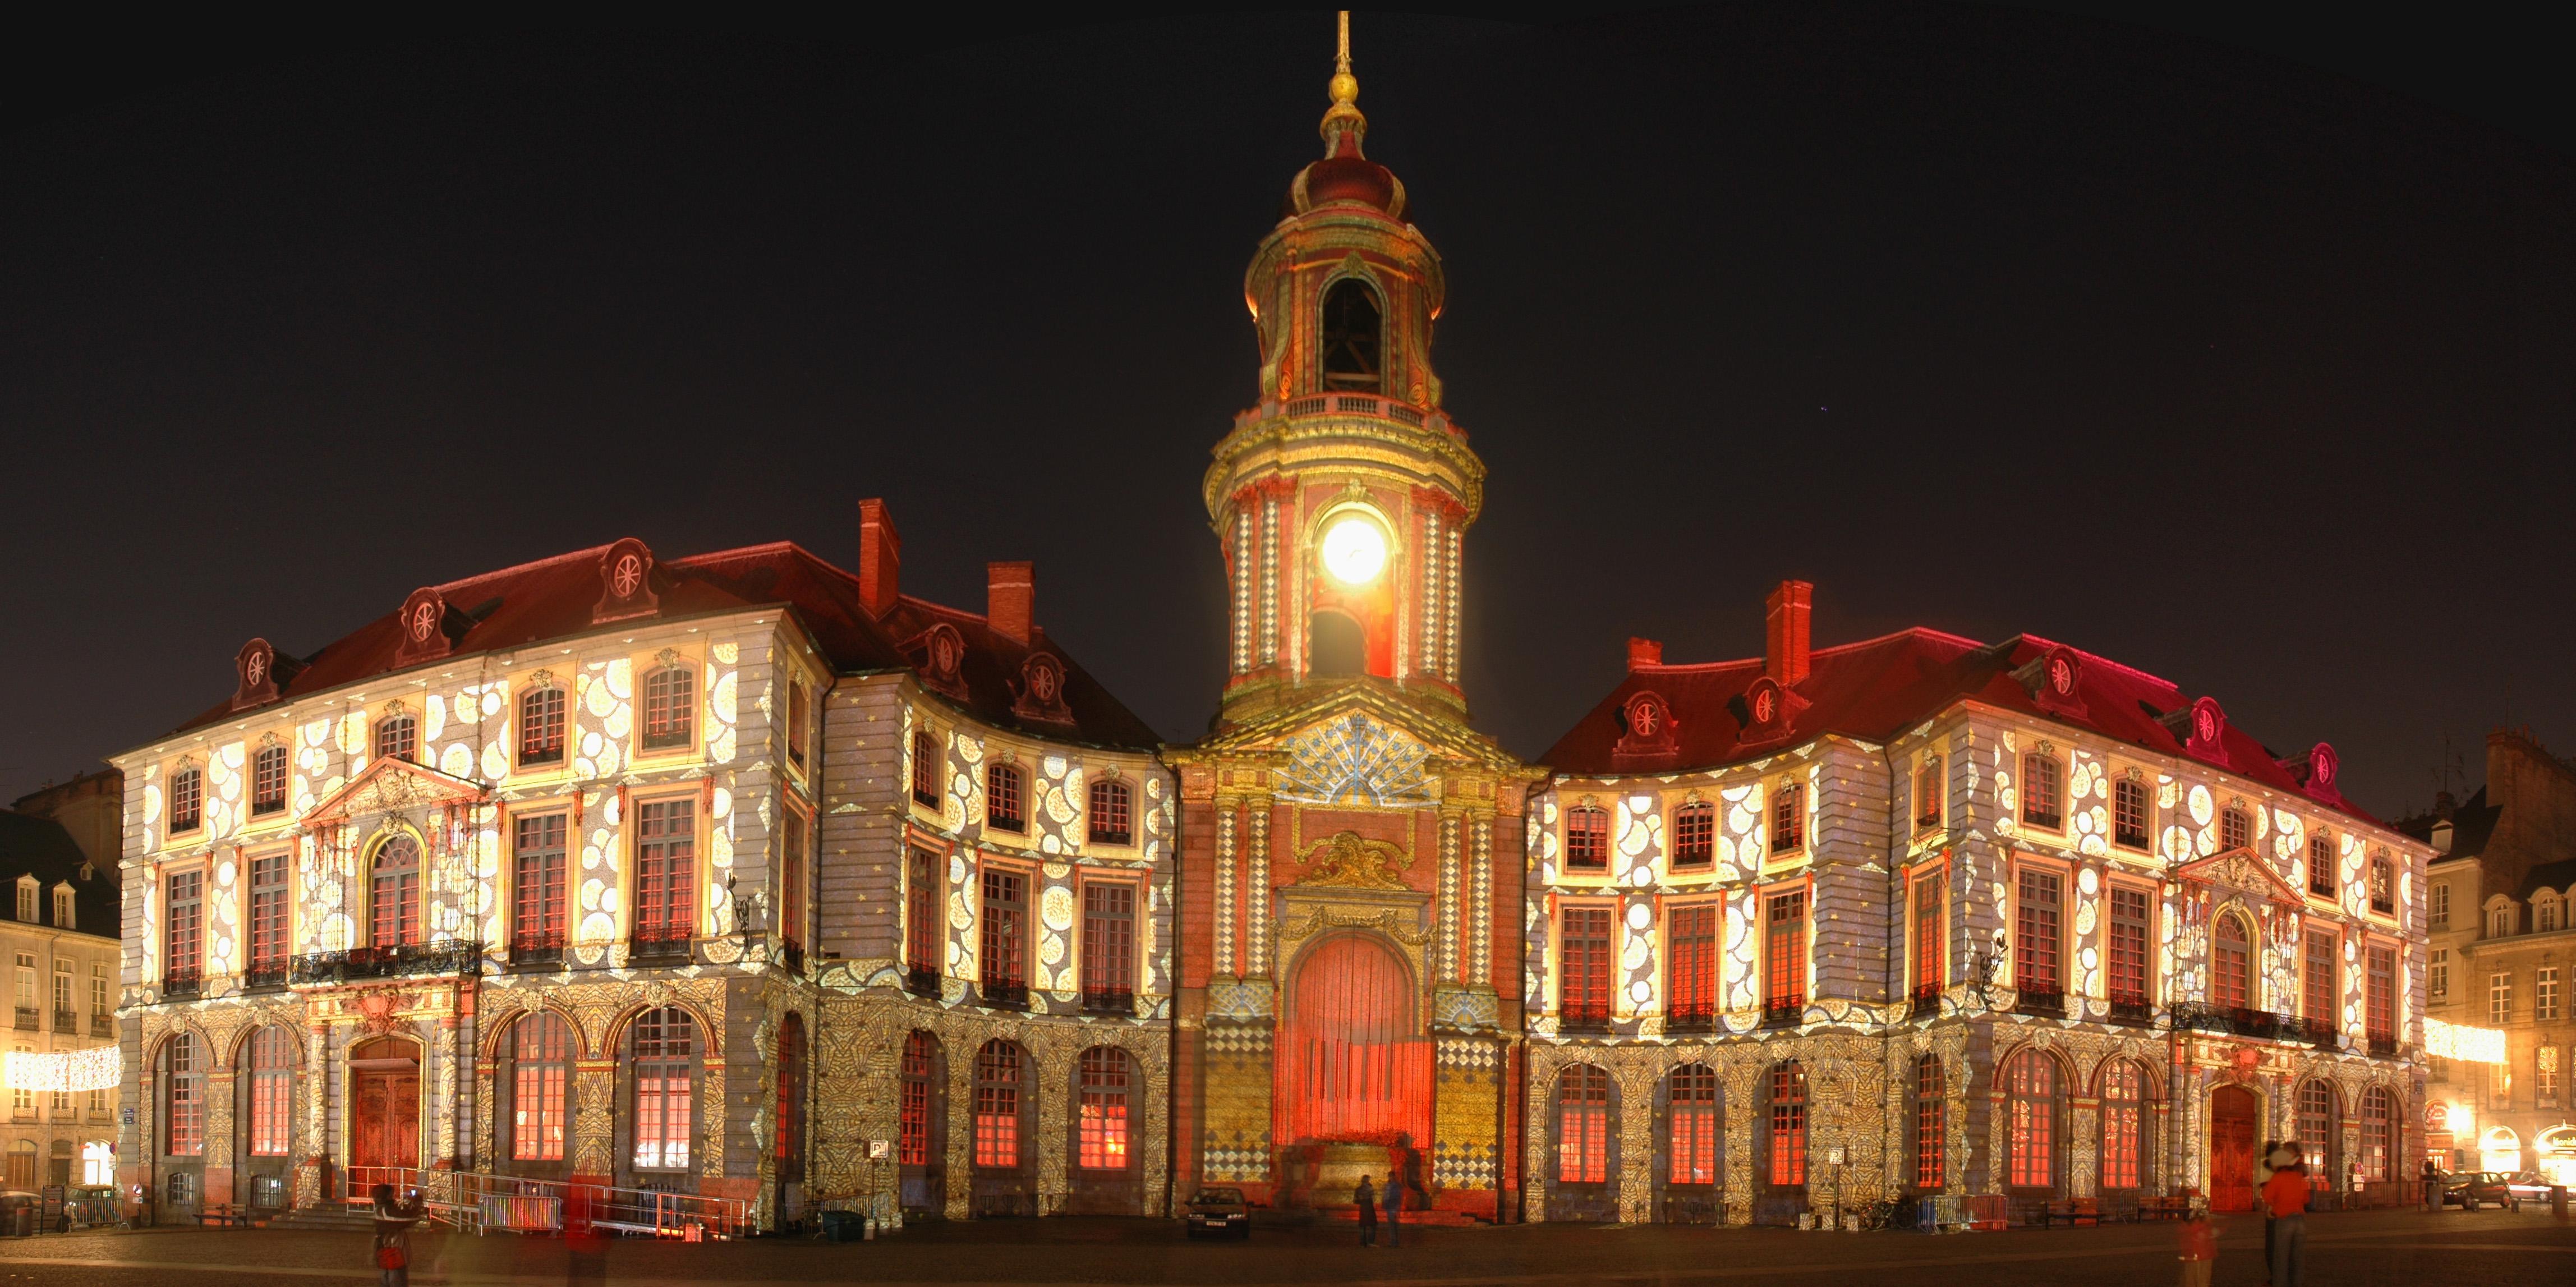 La nuit à Rennes